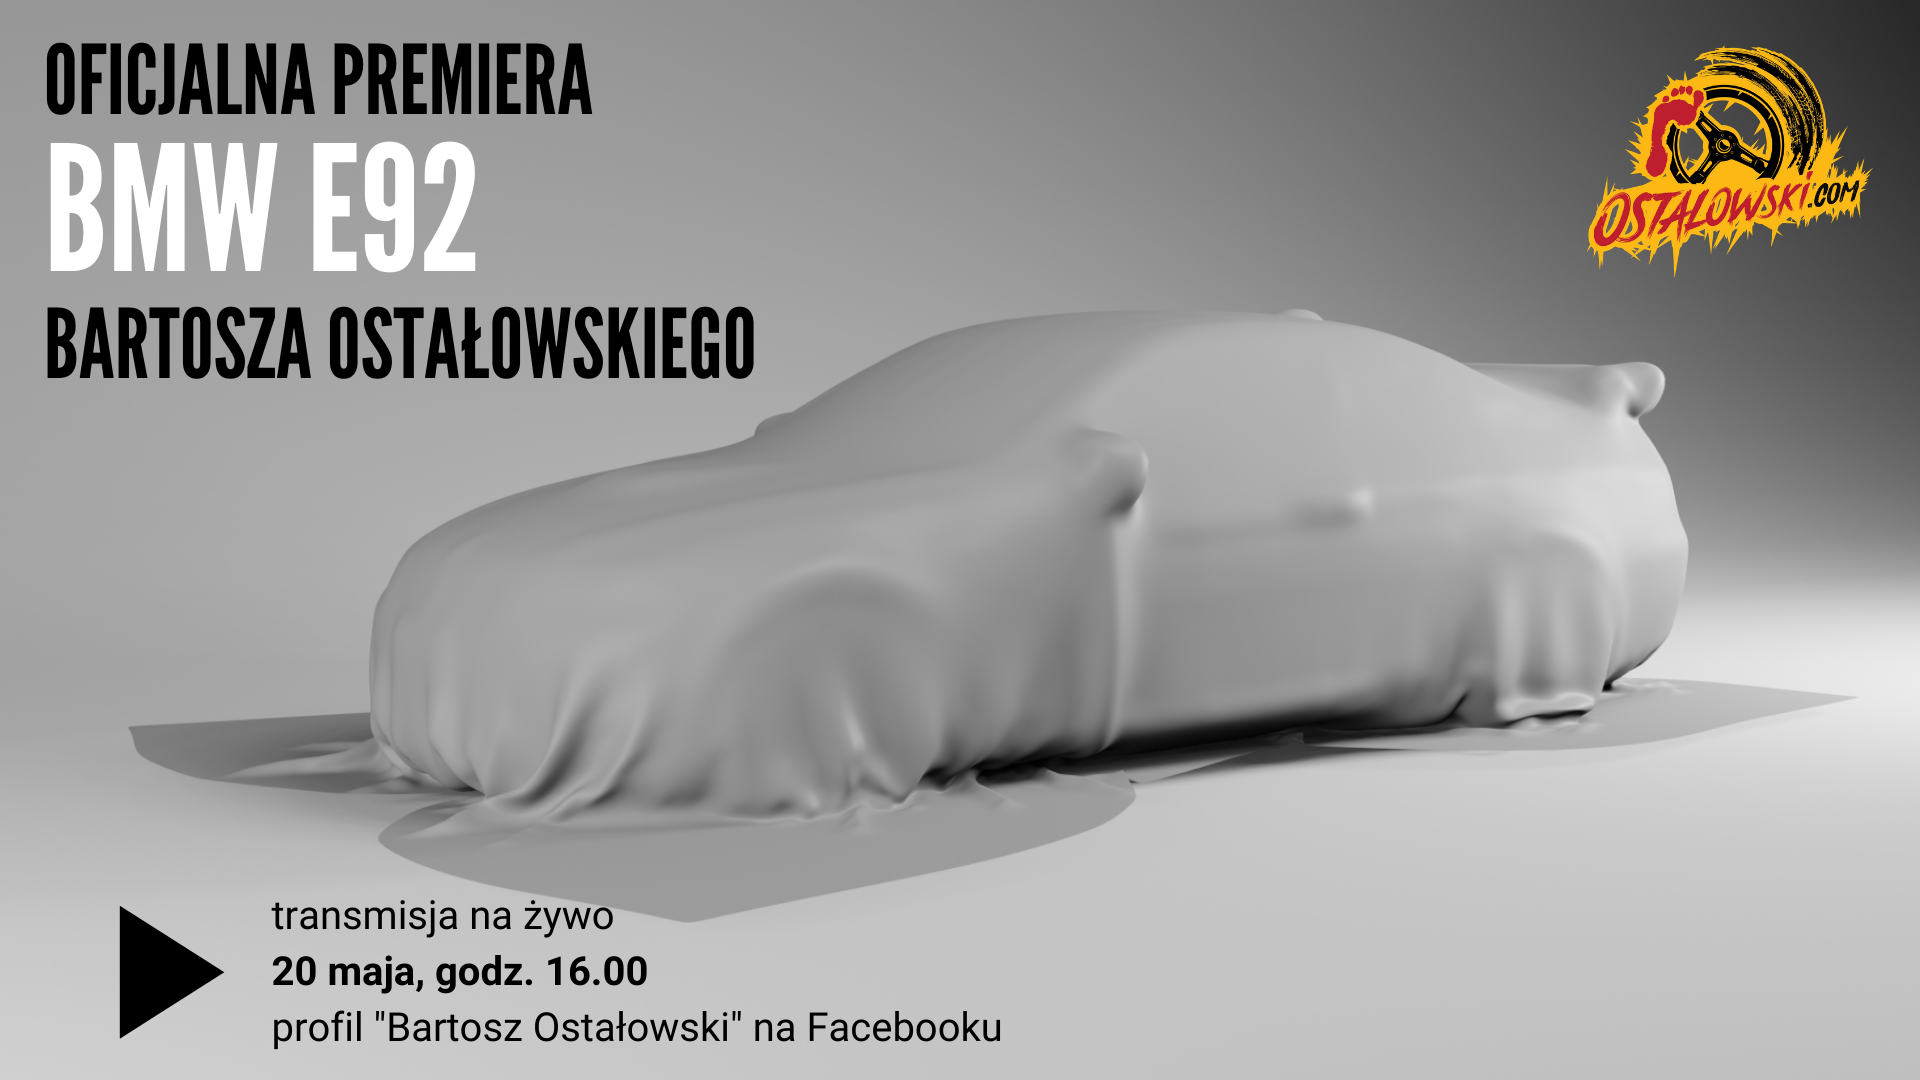 OFICJALNA PREMIERA BMW E92 BARTOSZA OSTAŁOWSKIEGO.png